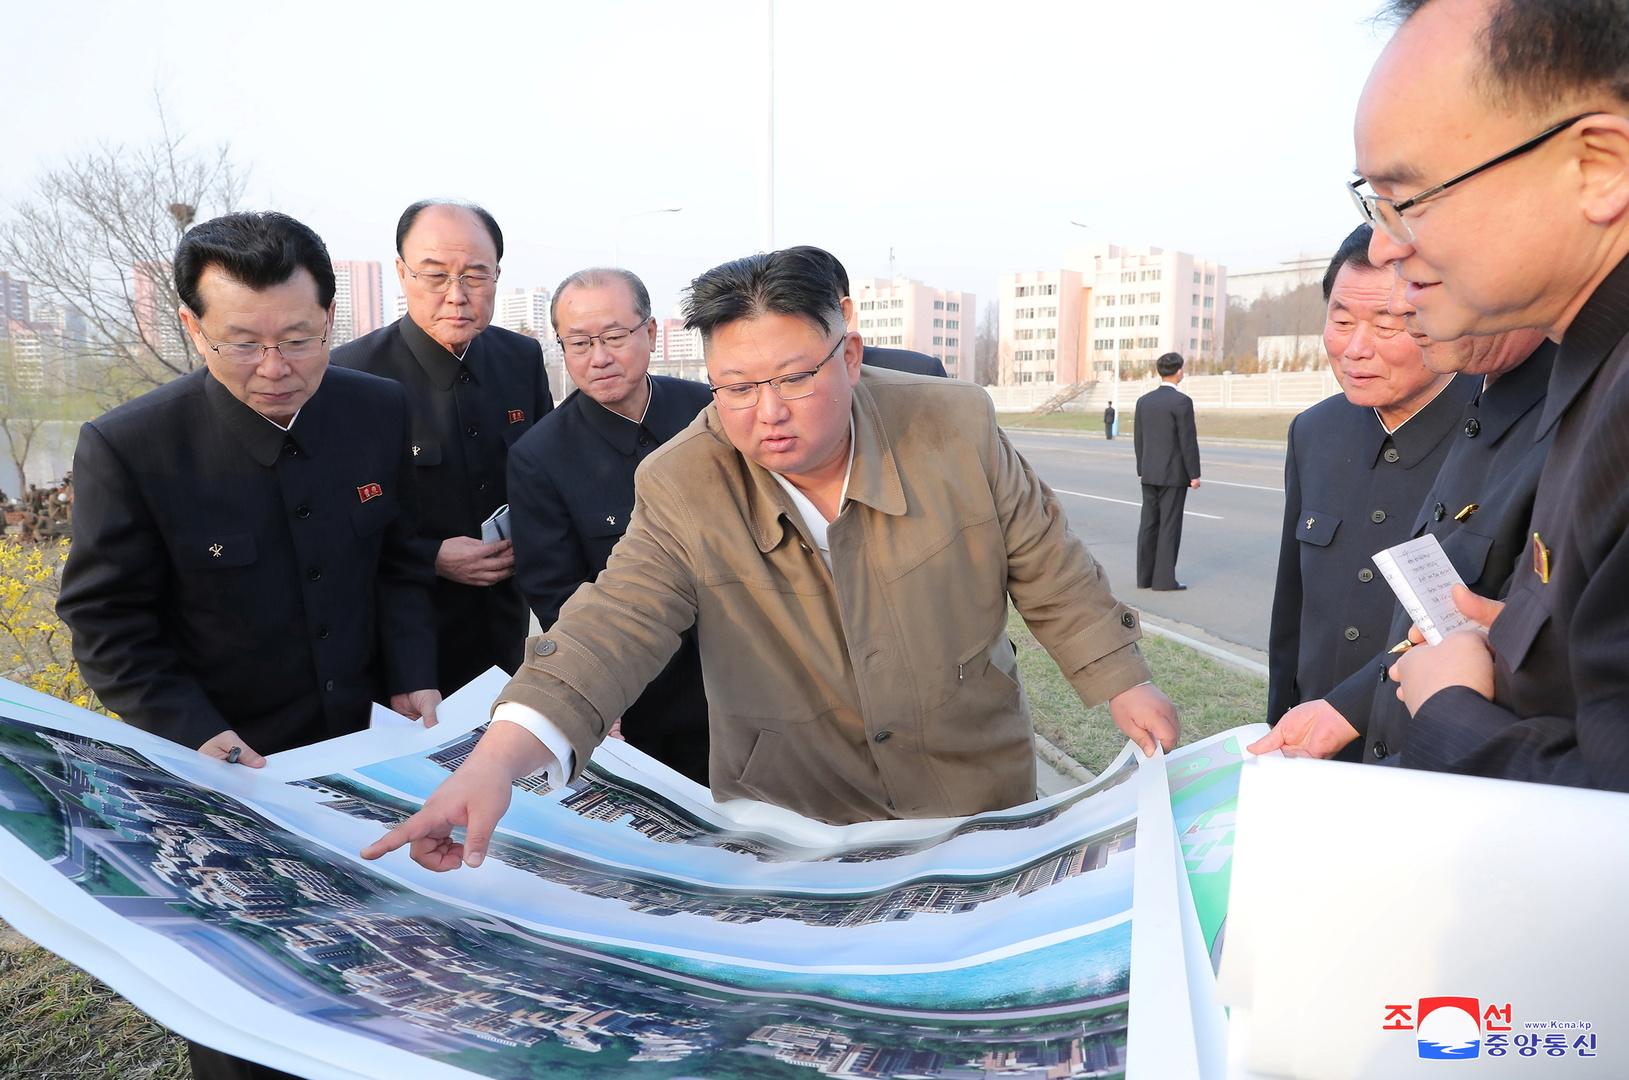 كيم يزور موقع بناء مشروع إسكاني طموح